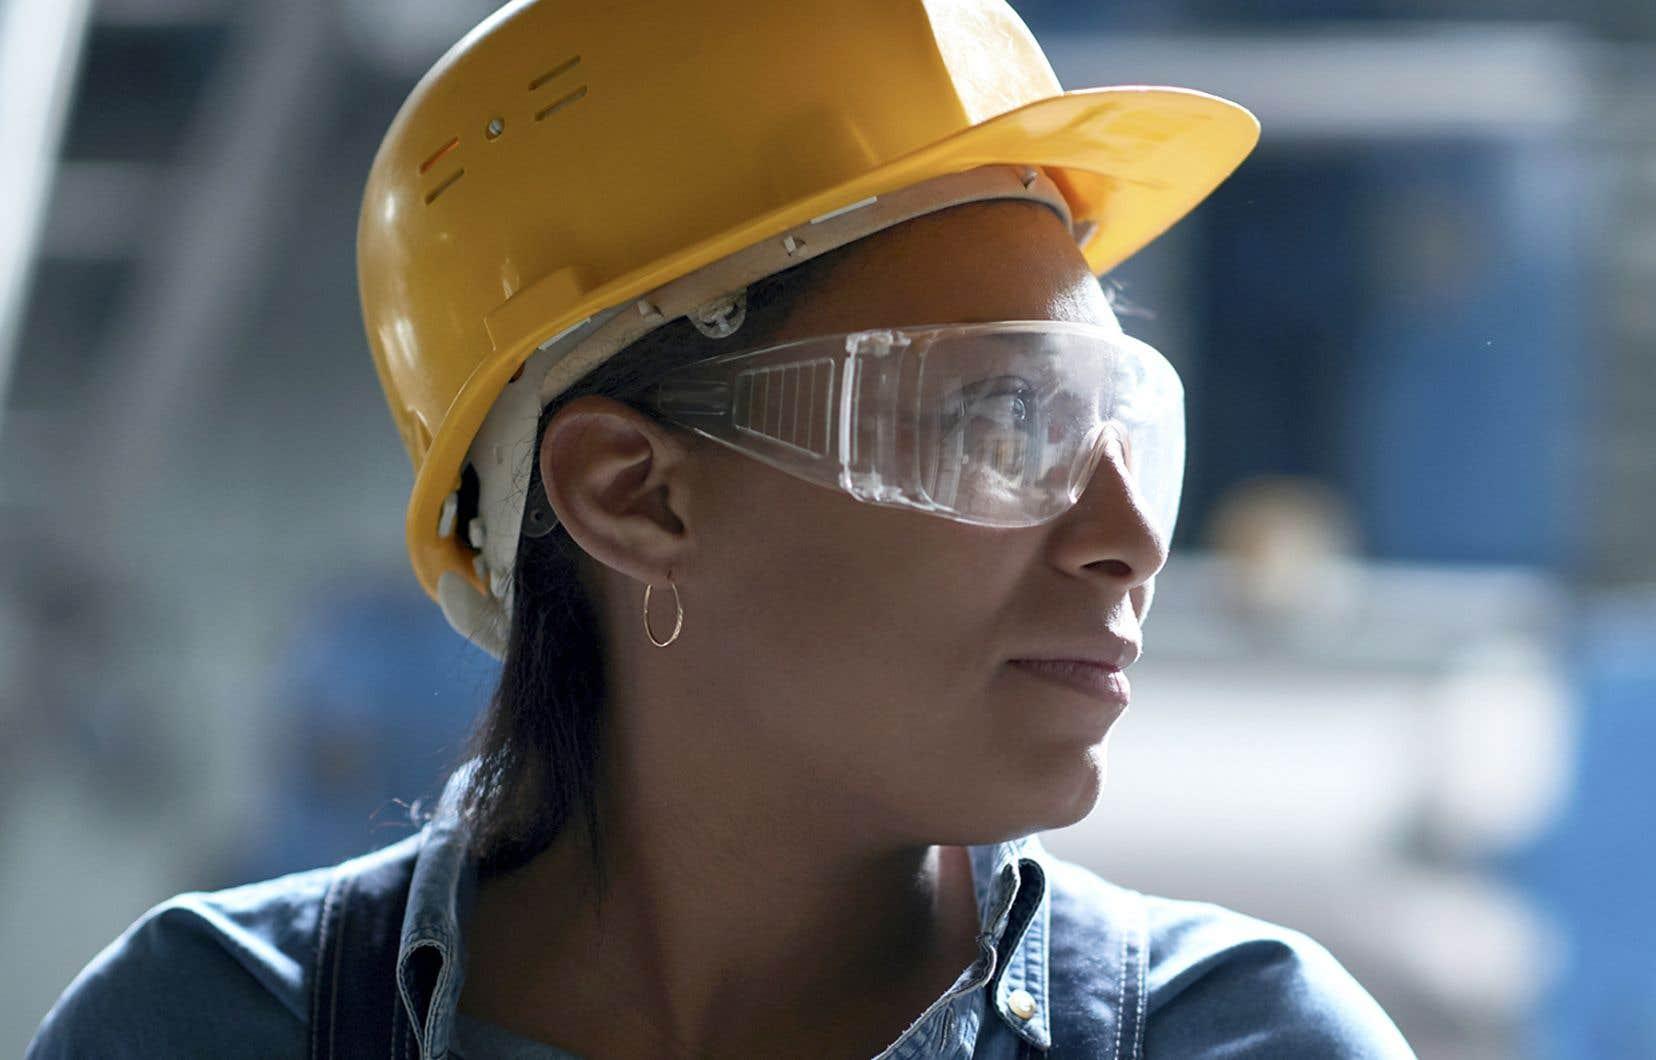 Les gains n'ont cependant pas été répartis également entre les hommes et les femmes, les premiers regagnant des emplois plus rapidement que les secondes.